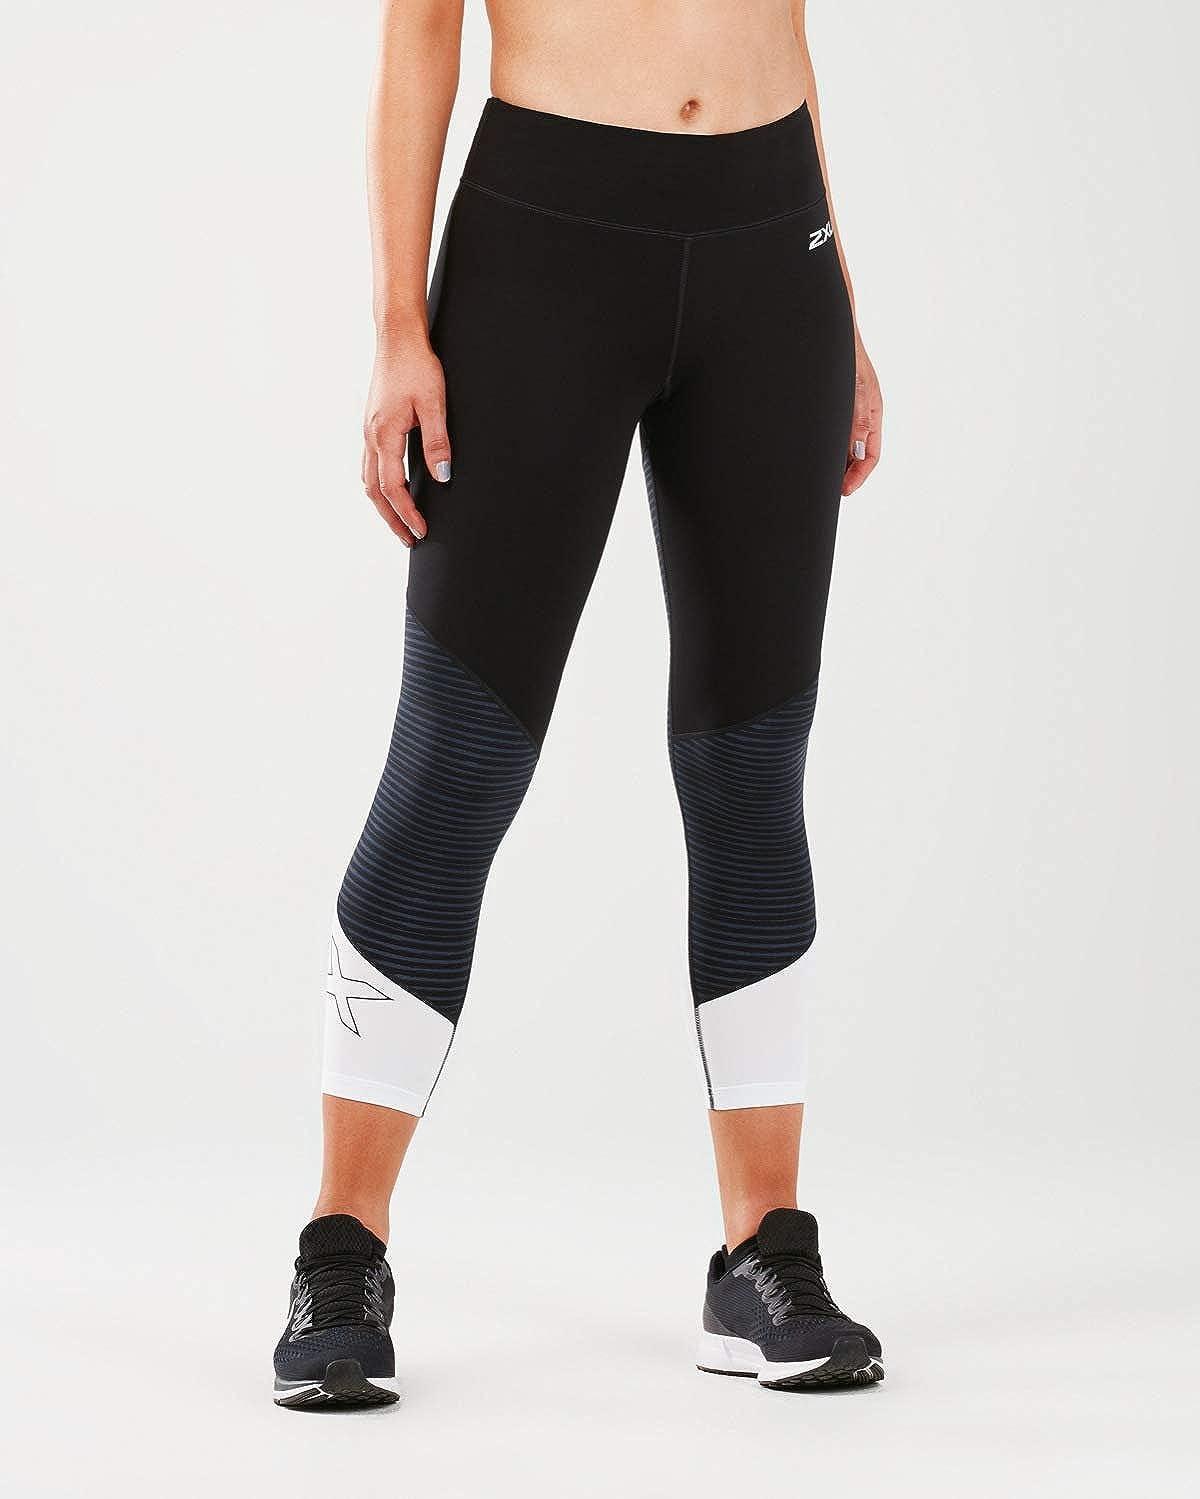 2XU Women's Fitness Mid-risecompression 7/8 Tight-Wa5390b Compression Tight